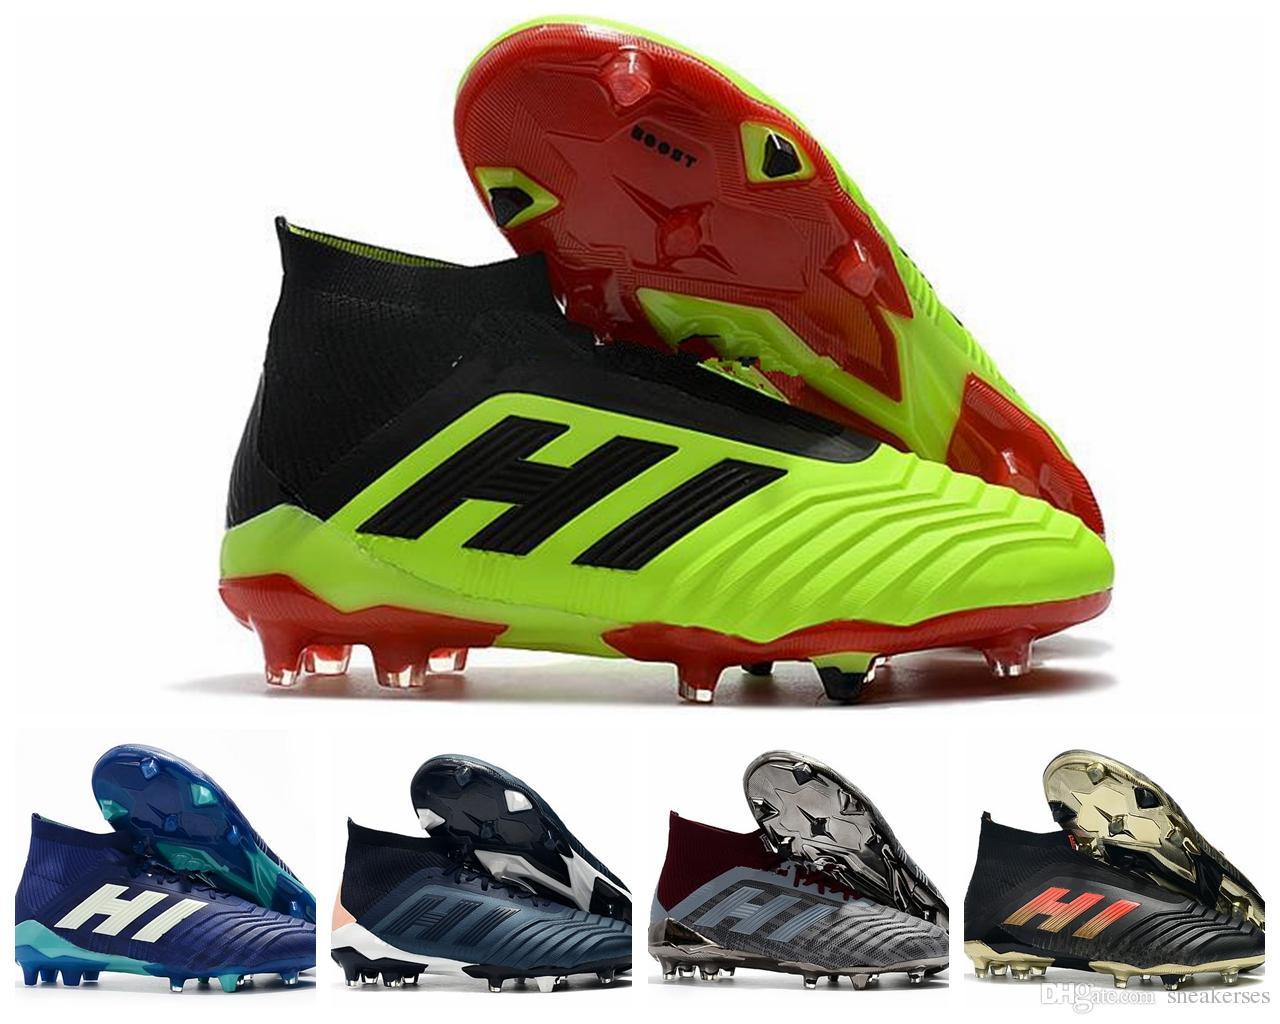 ADIDAS Hot Predator 18 Predator 18.1 FG PP Paul Pogba soccer 18 x tacos Slip On botas de fútbol para hombre zapatos de fútbol de alta gama baratos